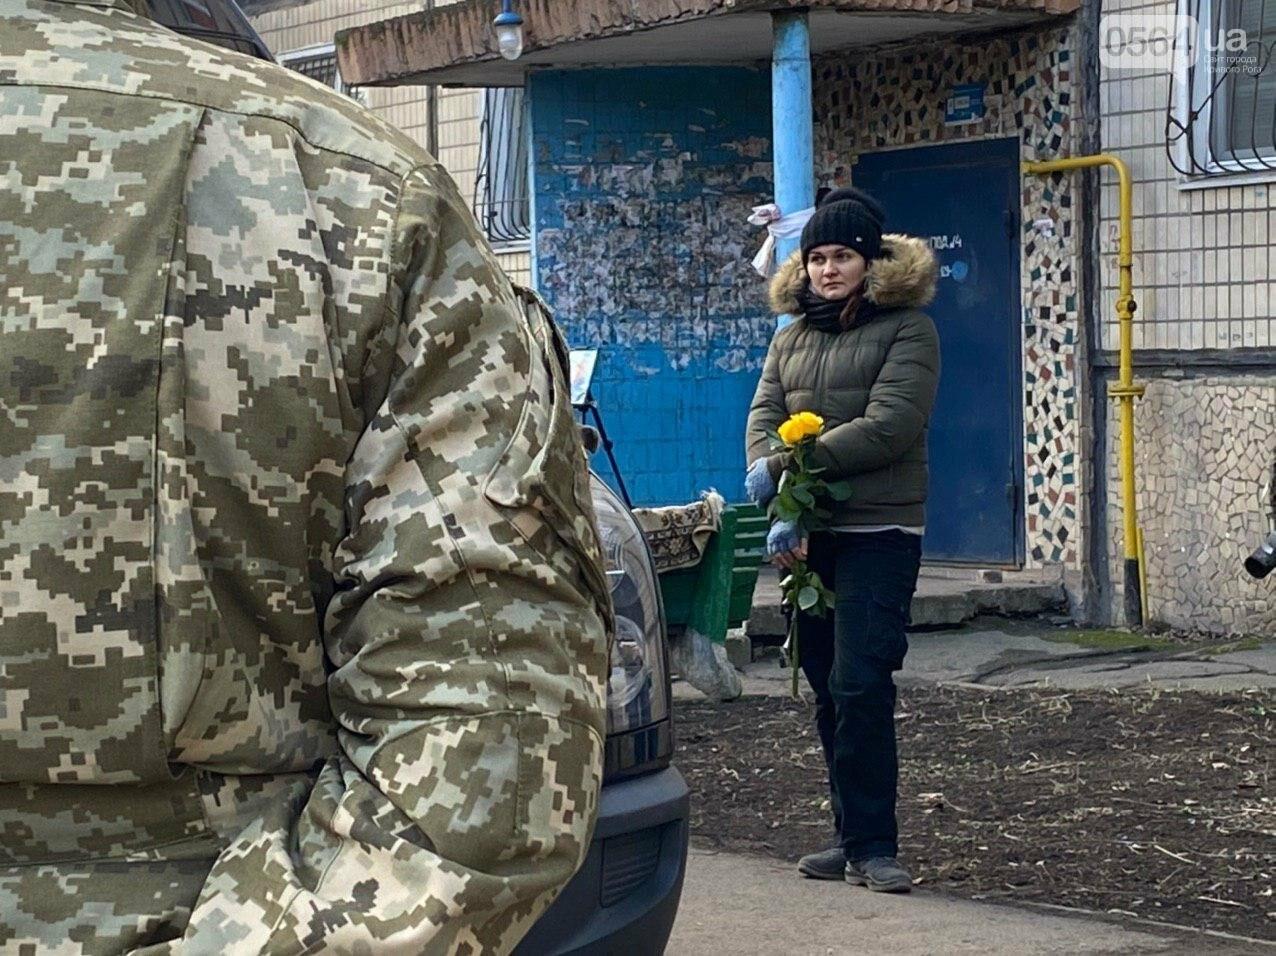 Кривой Рог прощается с патриотом - волонтером Андреем Садыло, - ФОТО, ВИДЕО, фото-7